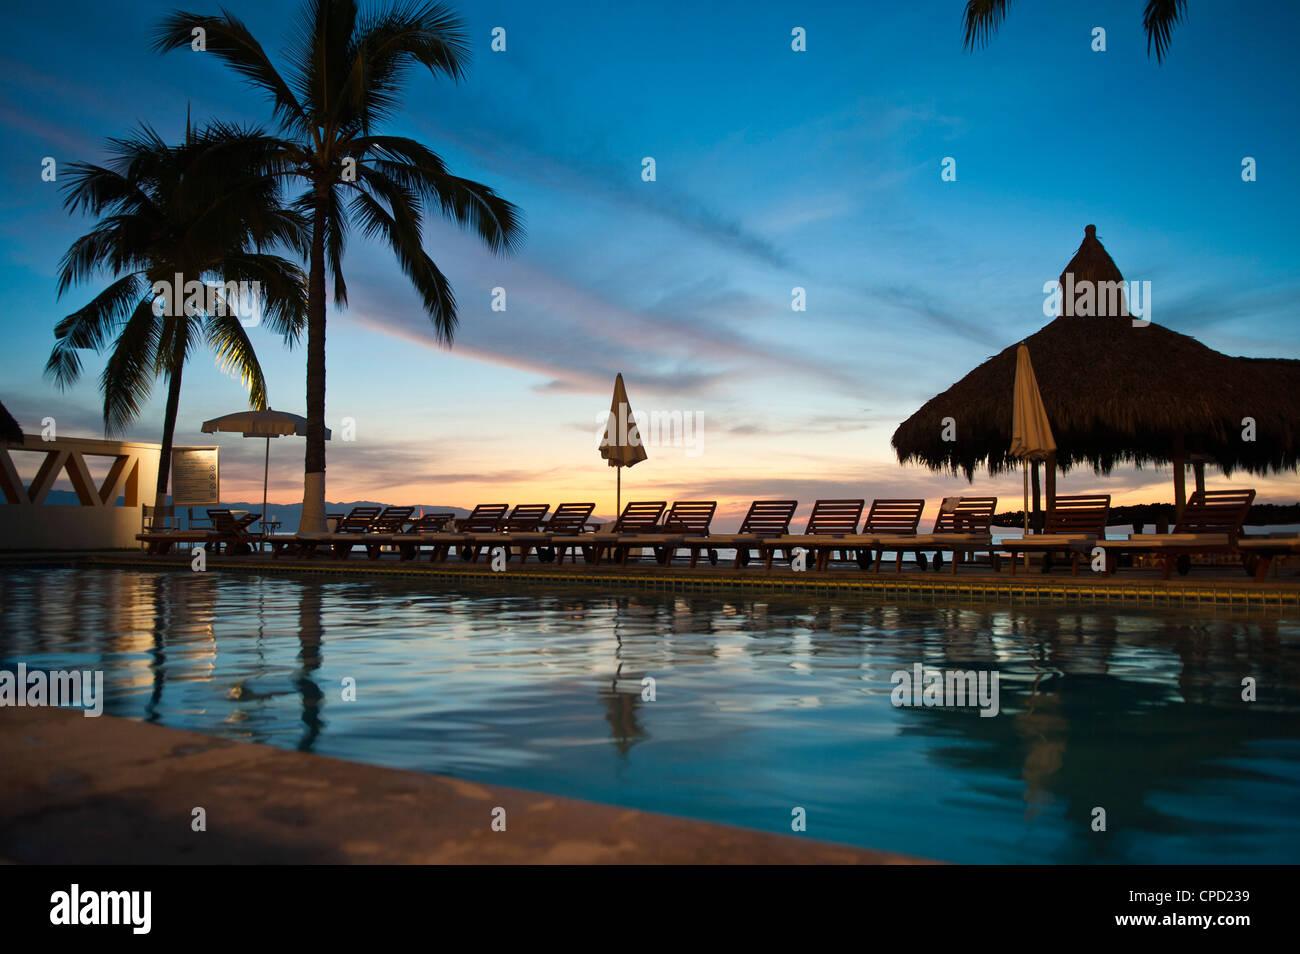 Villa Premiere Hotel and Spa, Puerto Vallarta, Jalisco, Messico, America del Nord Immagini Stock